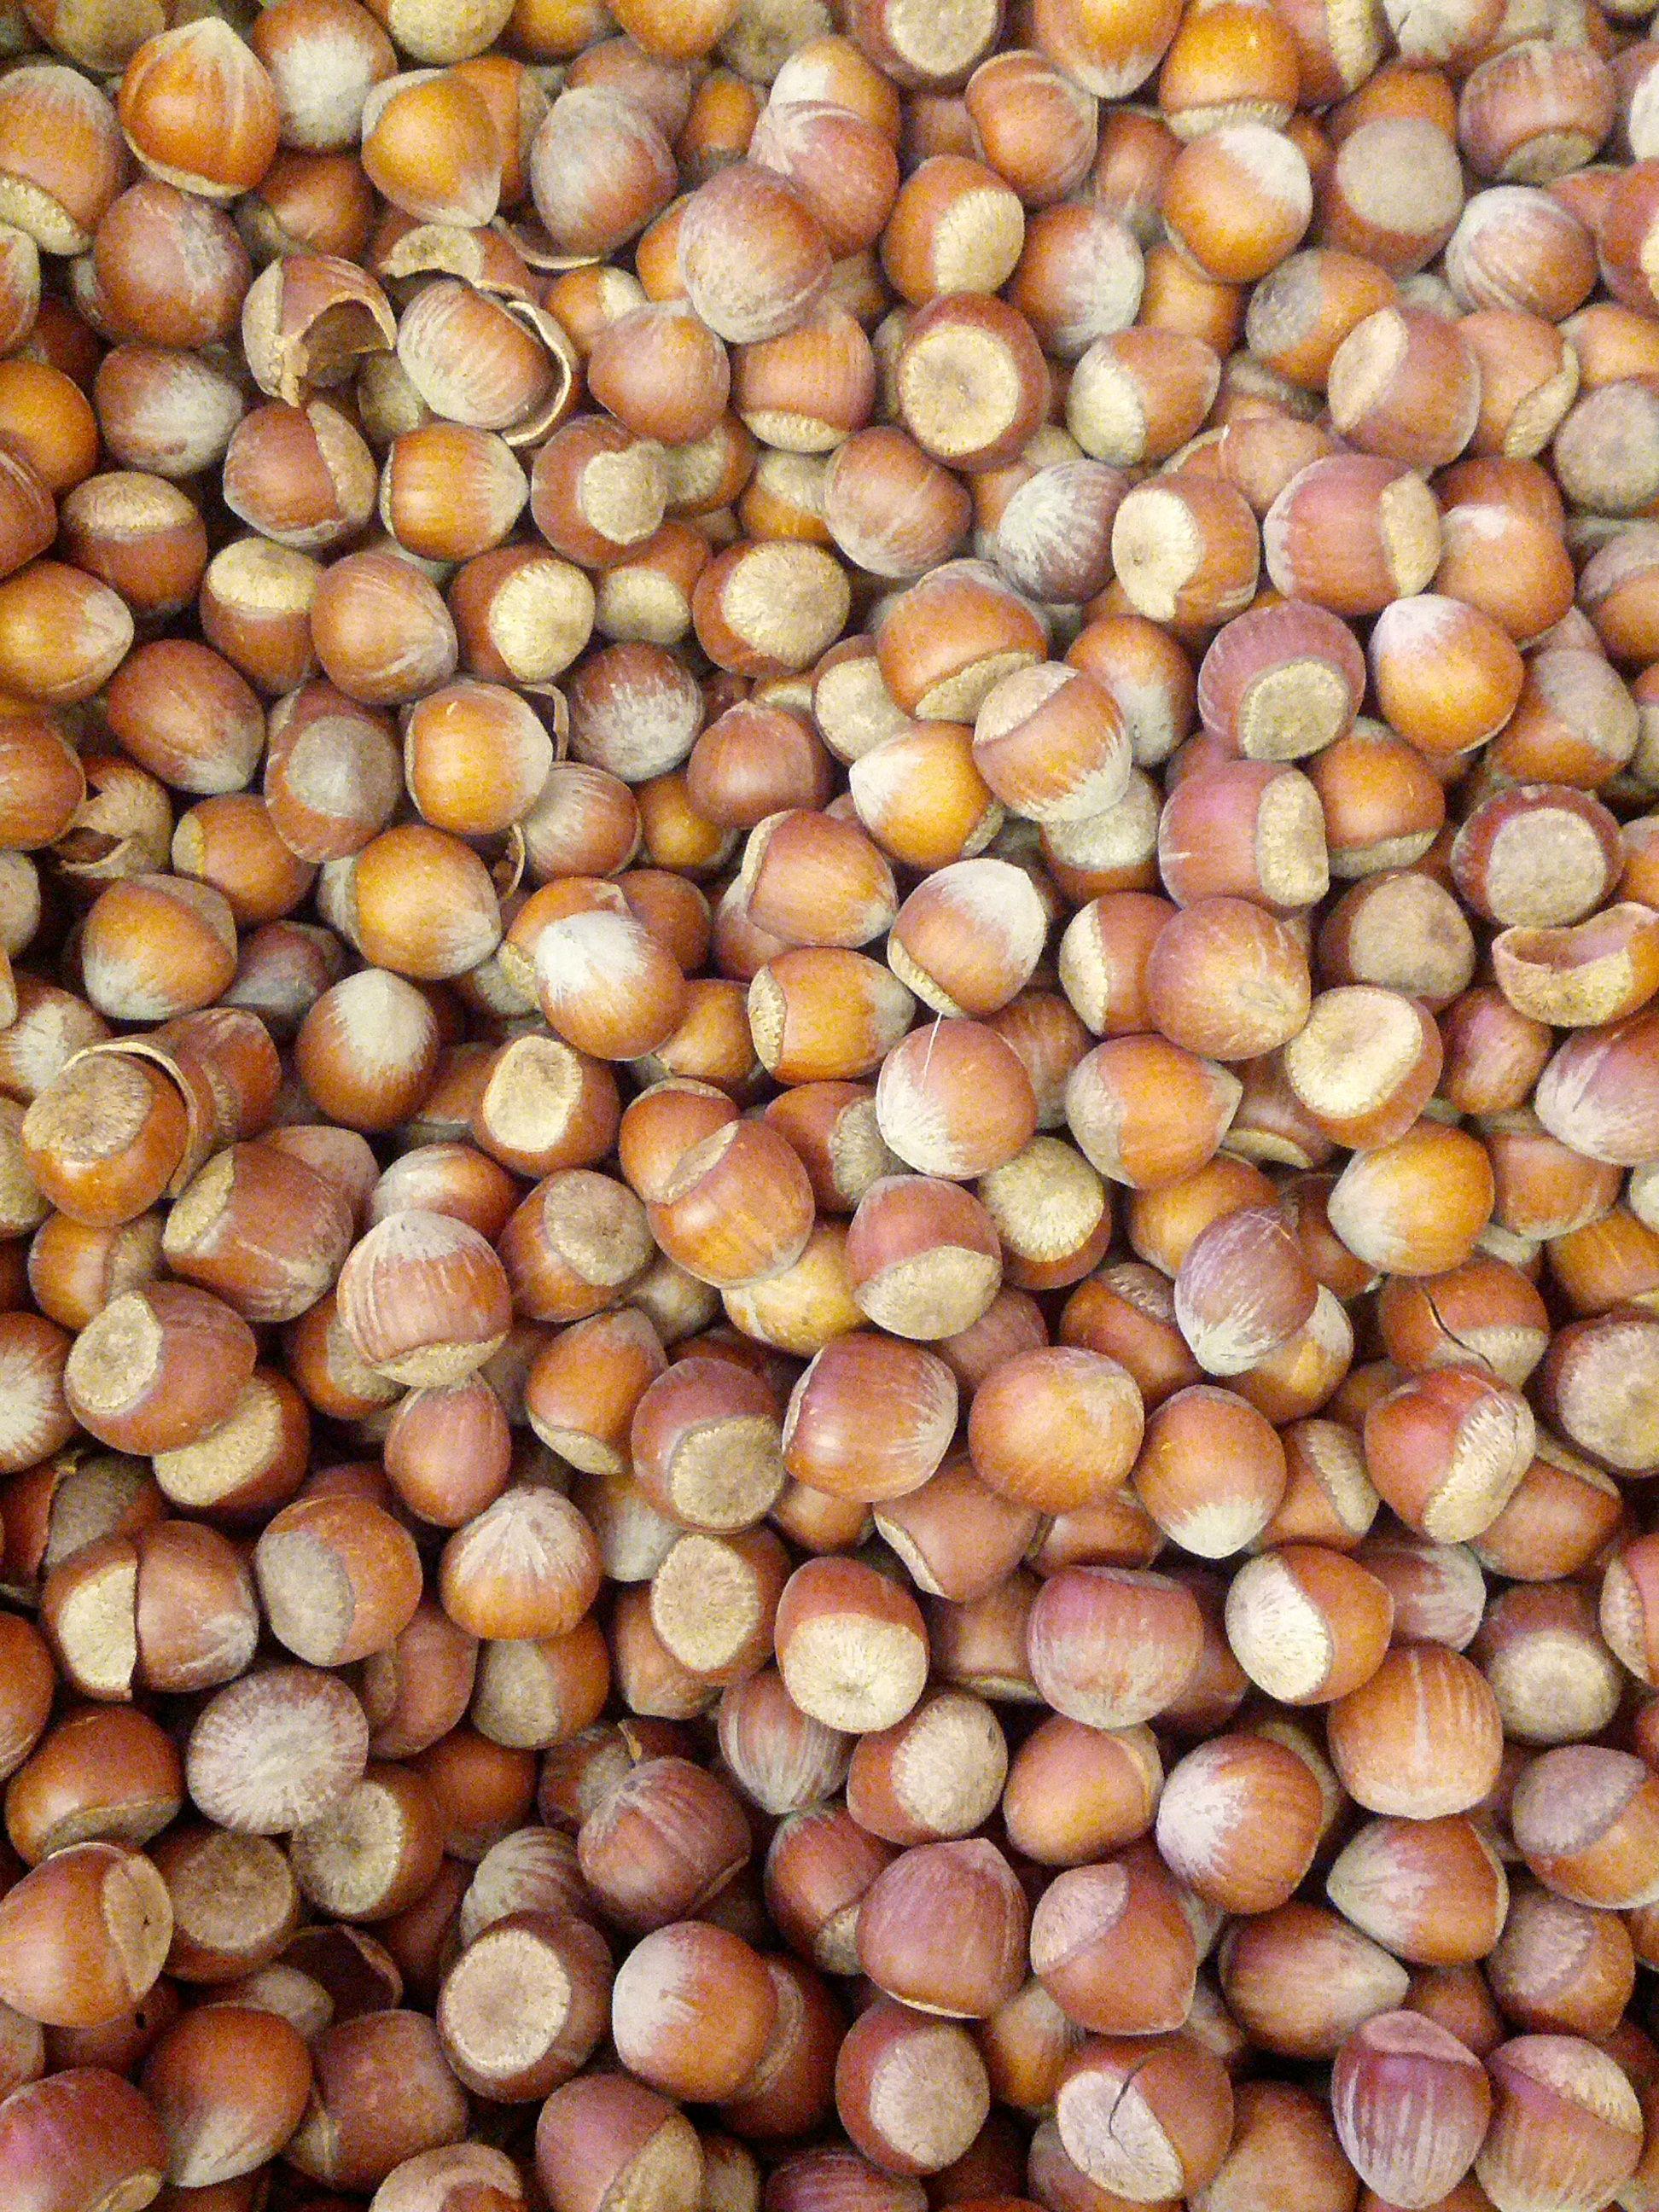 El aceite vegetal de avellana tiene propiedades reafirmantes y antioxidantes. http://goo.gl/Os0dXO